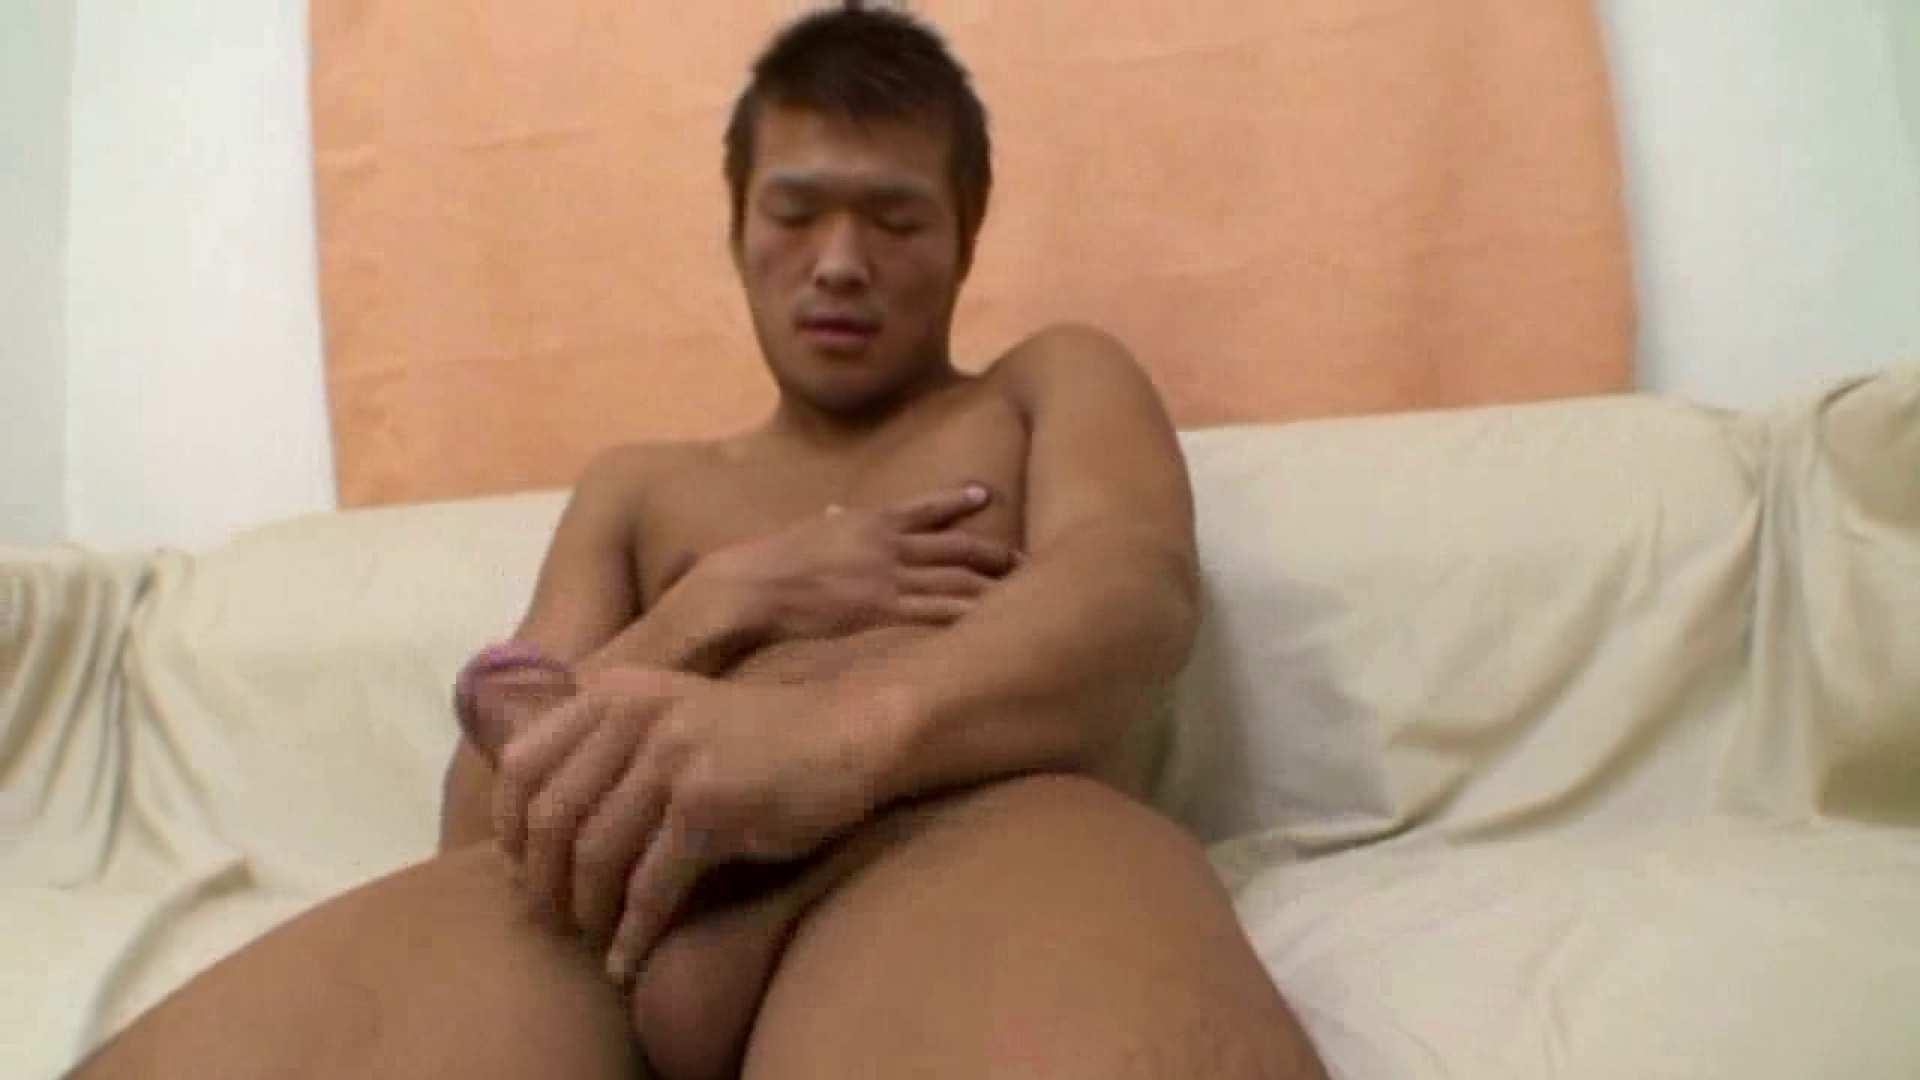 ノンケ!自慰スタジオ No.31 ゲイの自慰 ゲイ丸見え画像 102pic 83